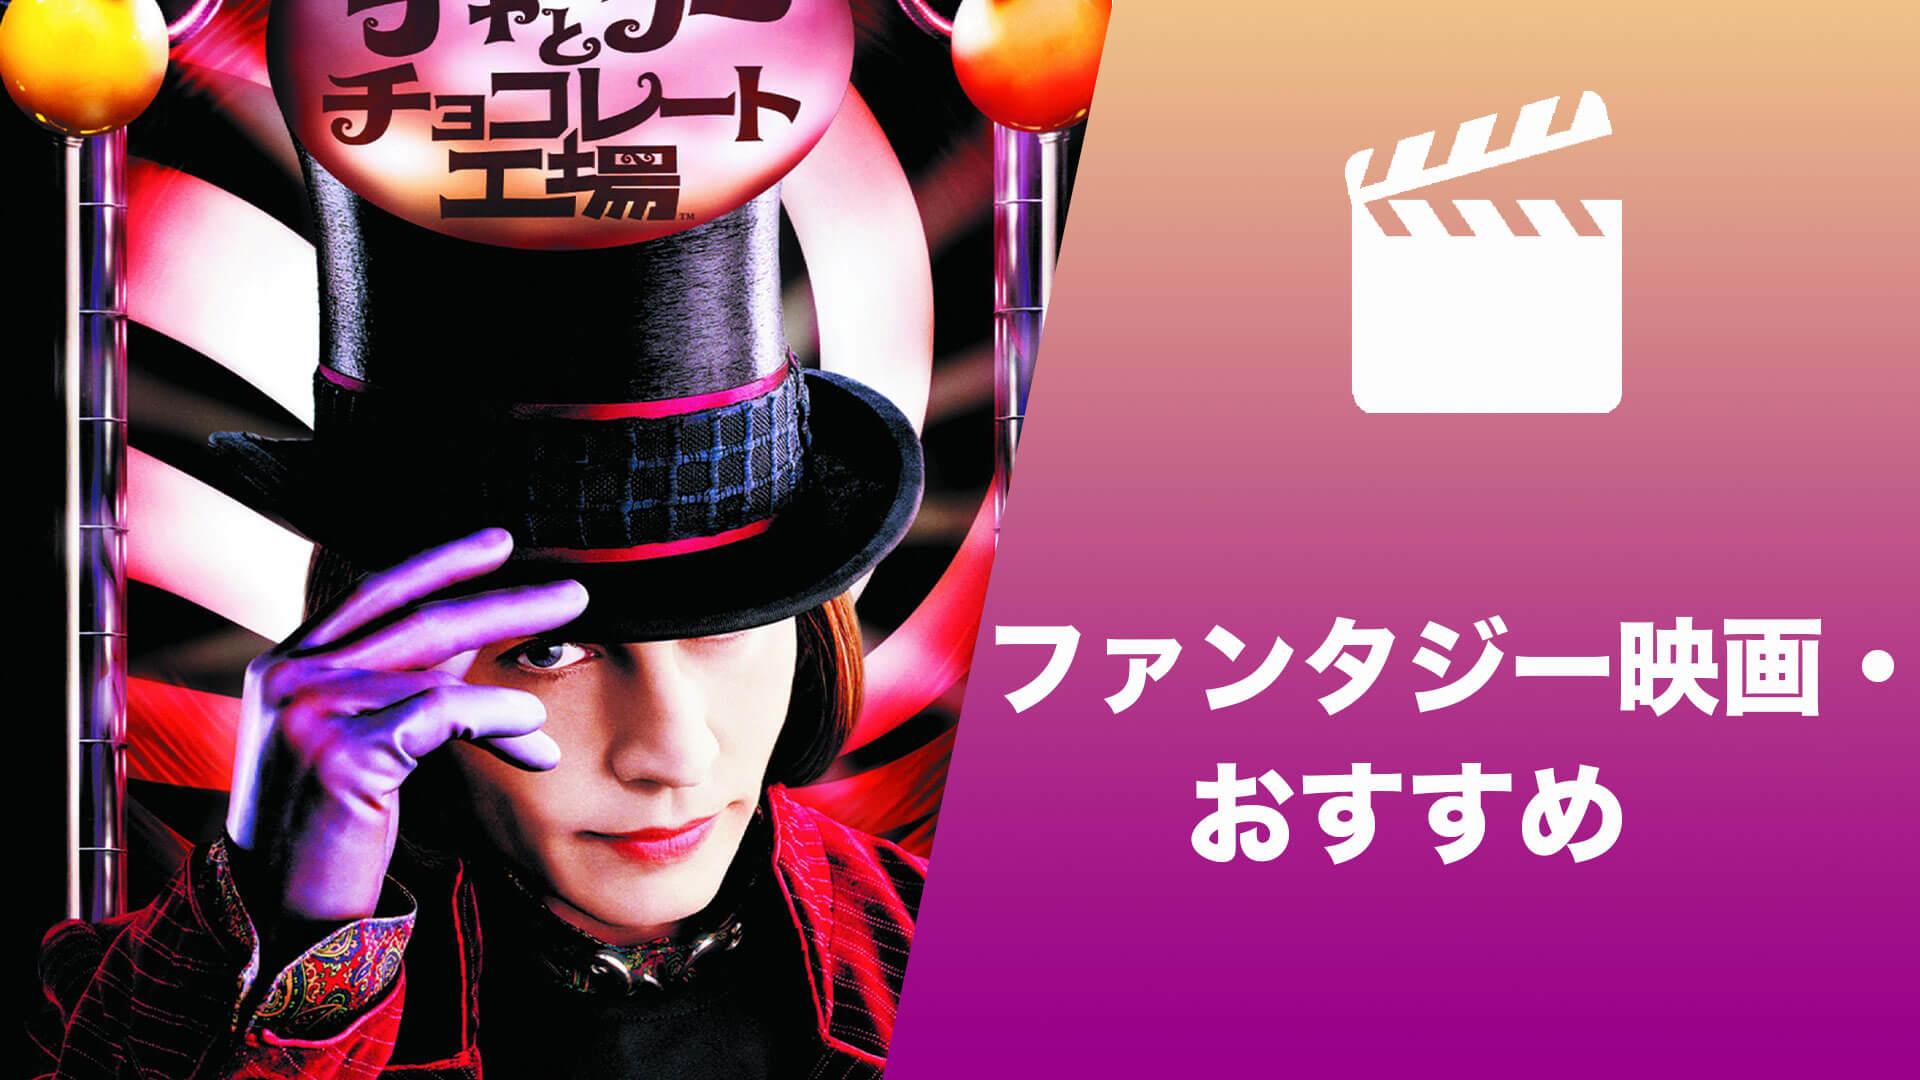 ファンタジー映画の人気おすすめランキング15選【2020年最新版】洋画編